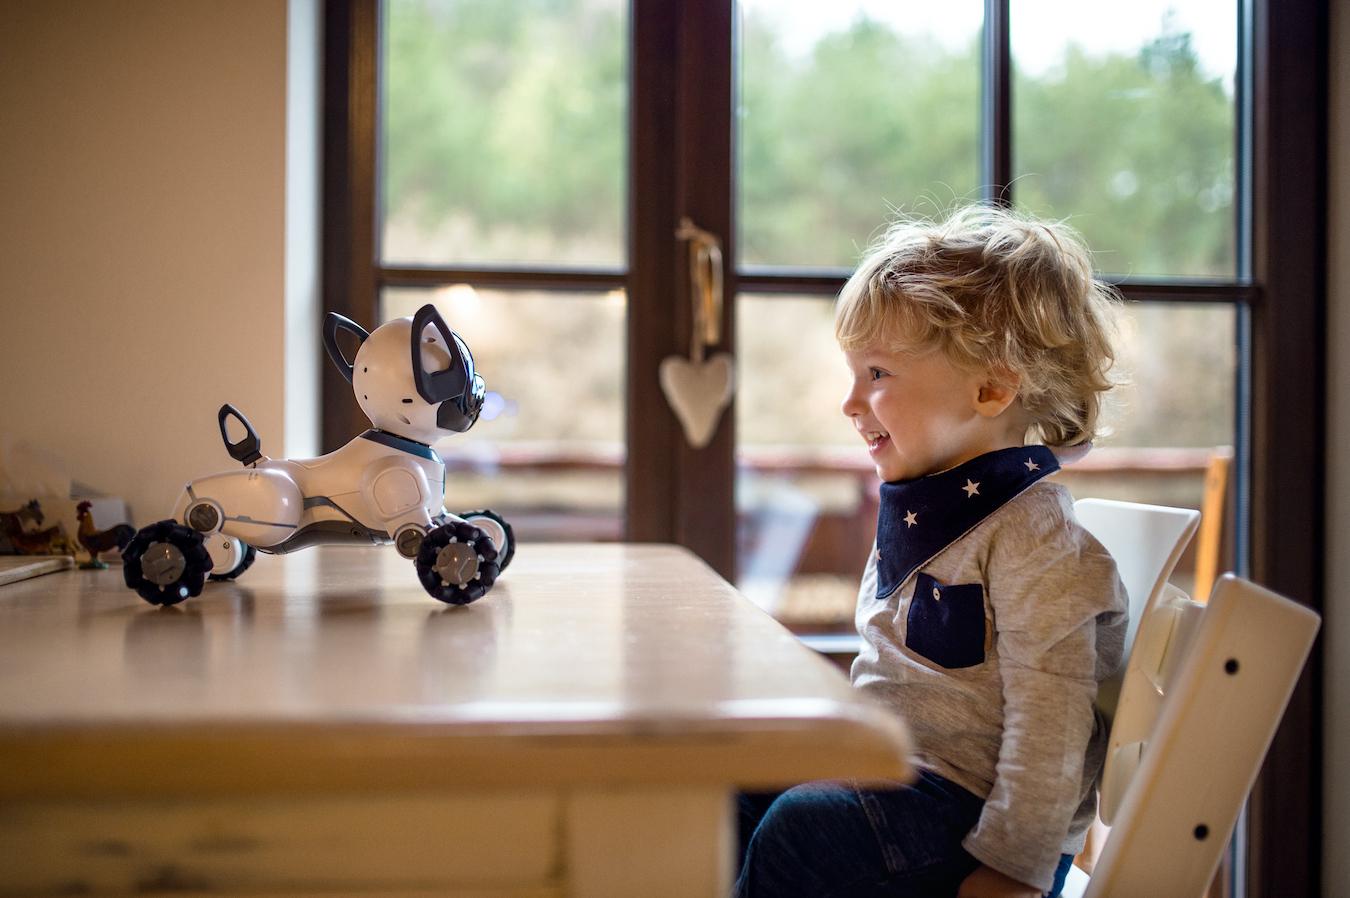 家族の一員となる日も近い!?学んで成長するペットロボットのいる暮らし